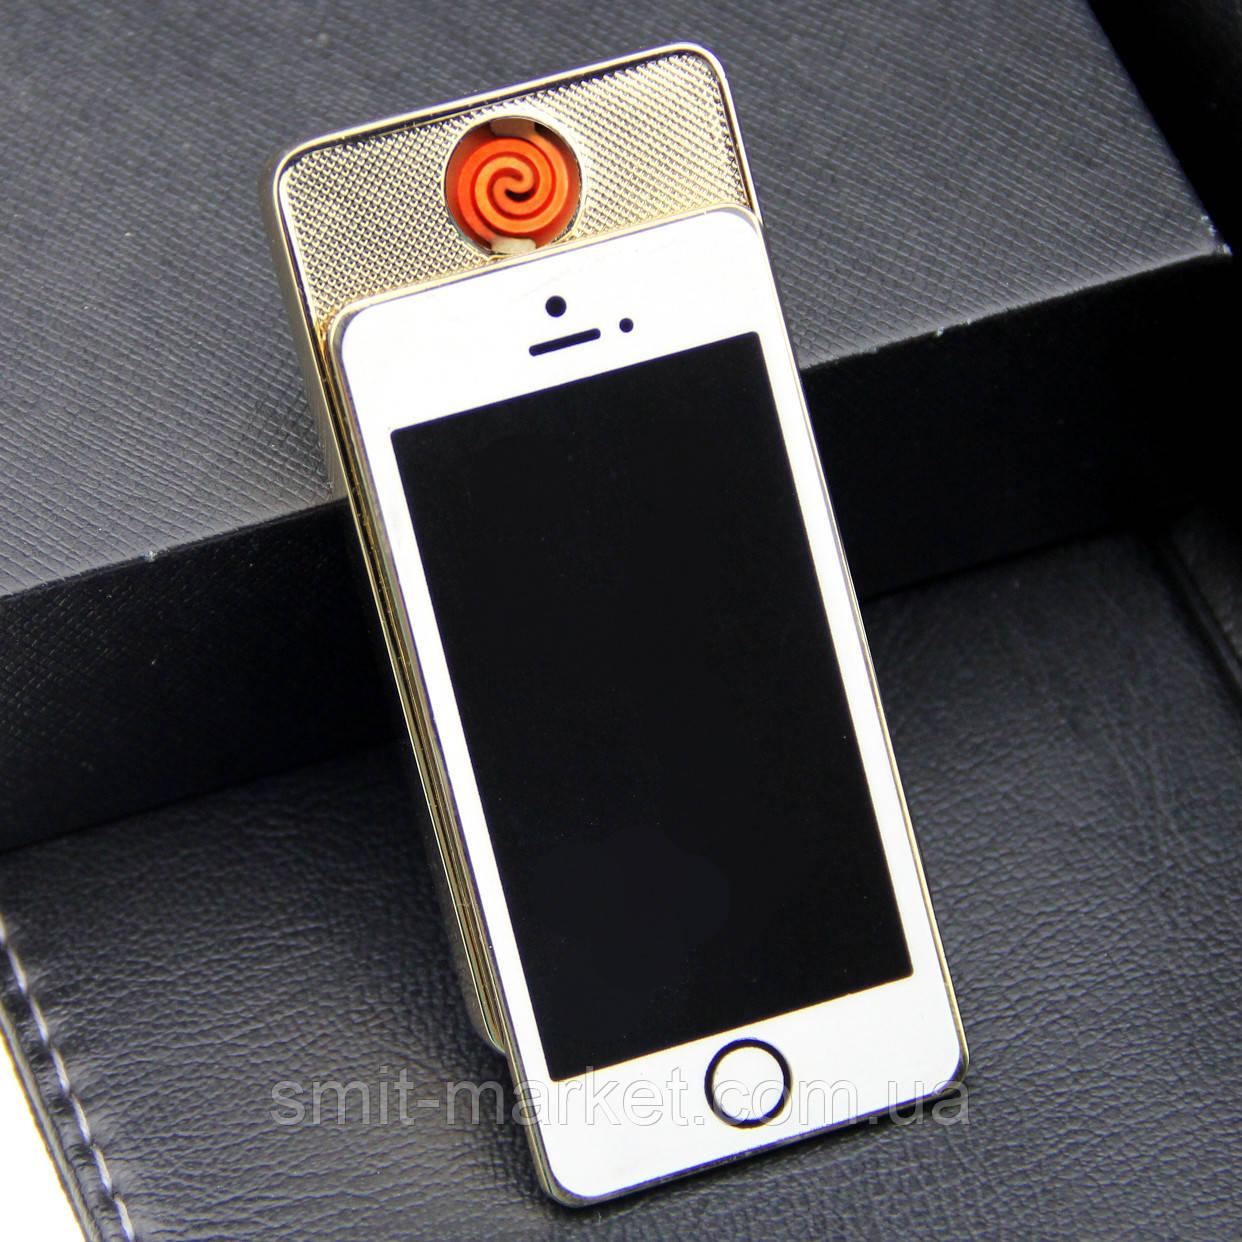 Оригинальная зажигалочка в виде айфона